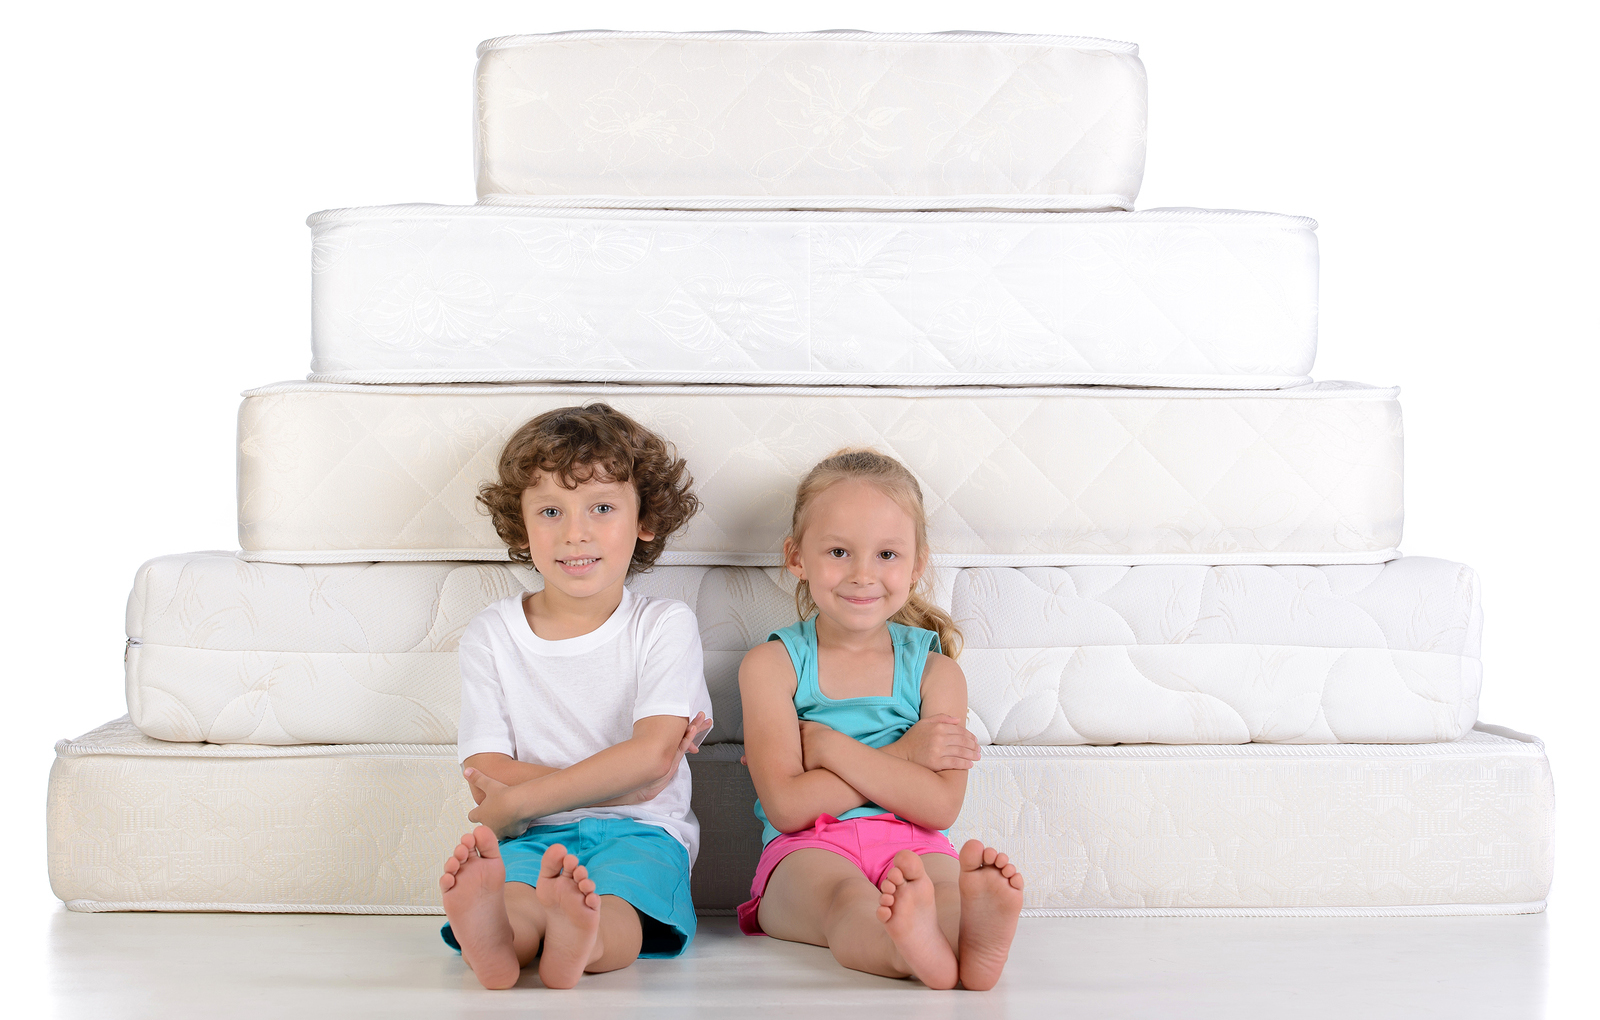 Unge børn sidder på masser af madrasser isoleret på hvid baggrund